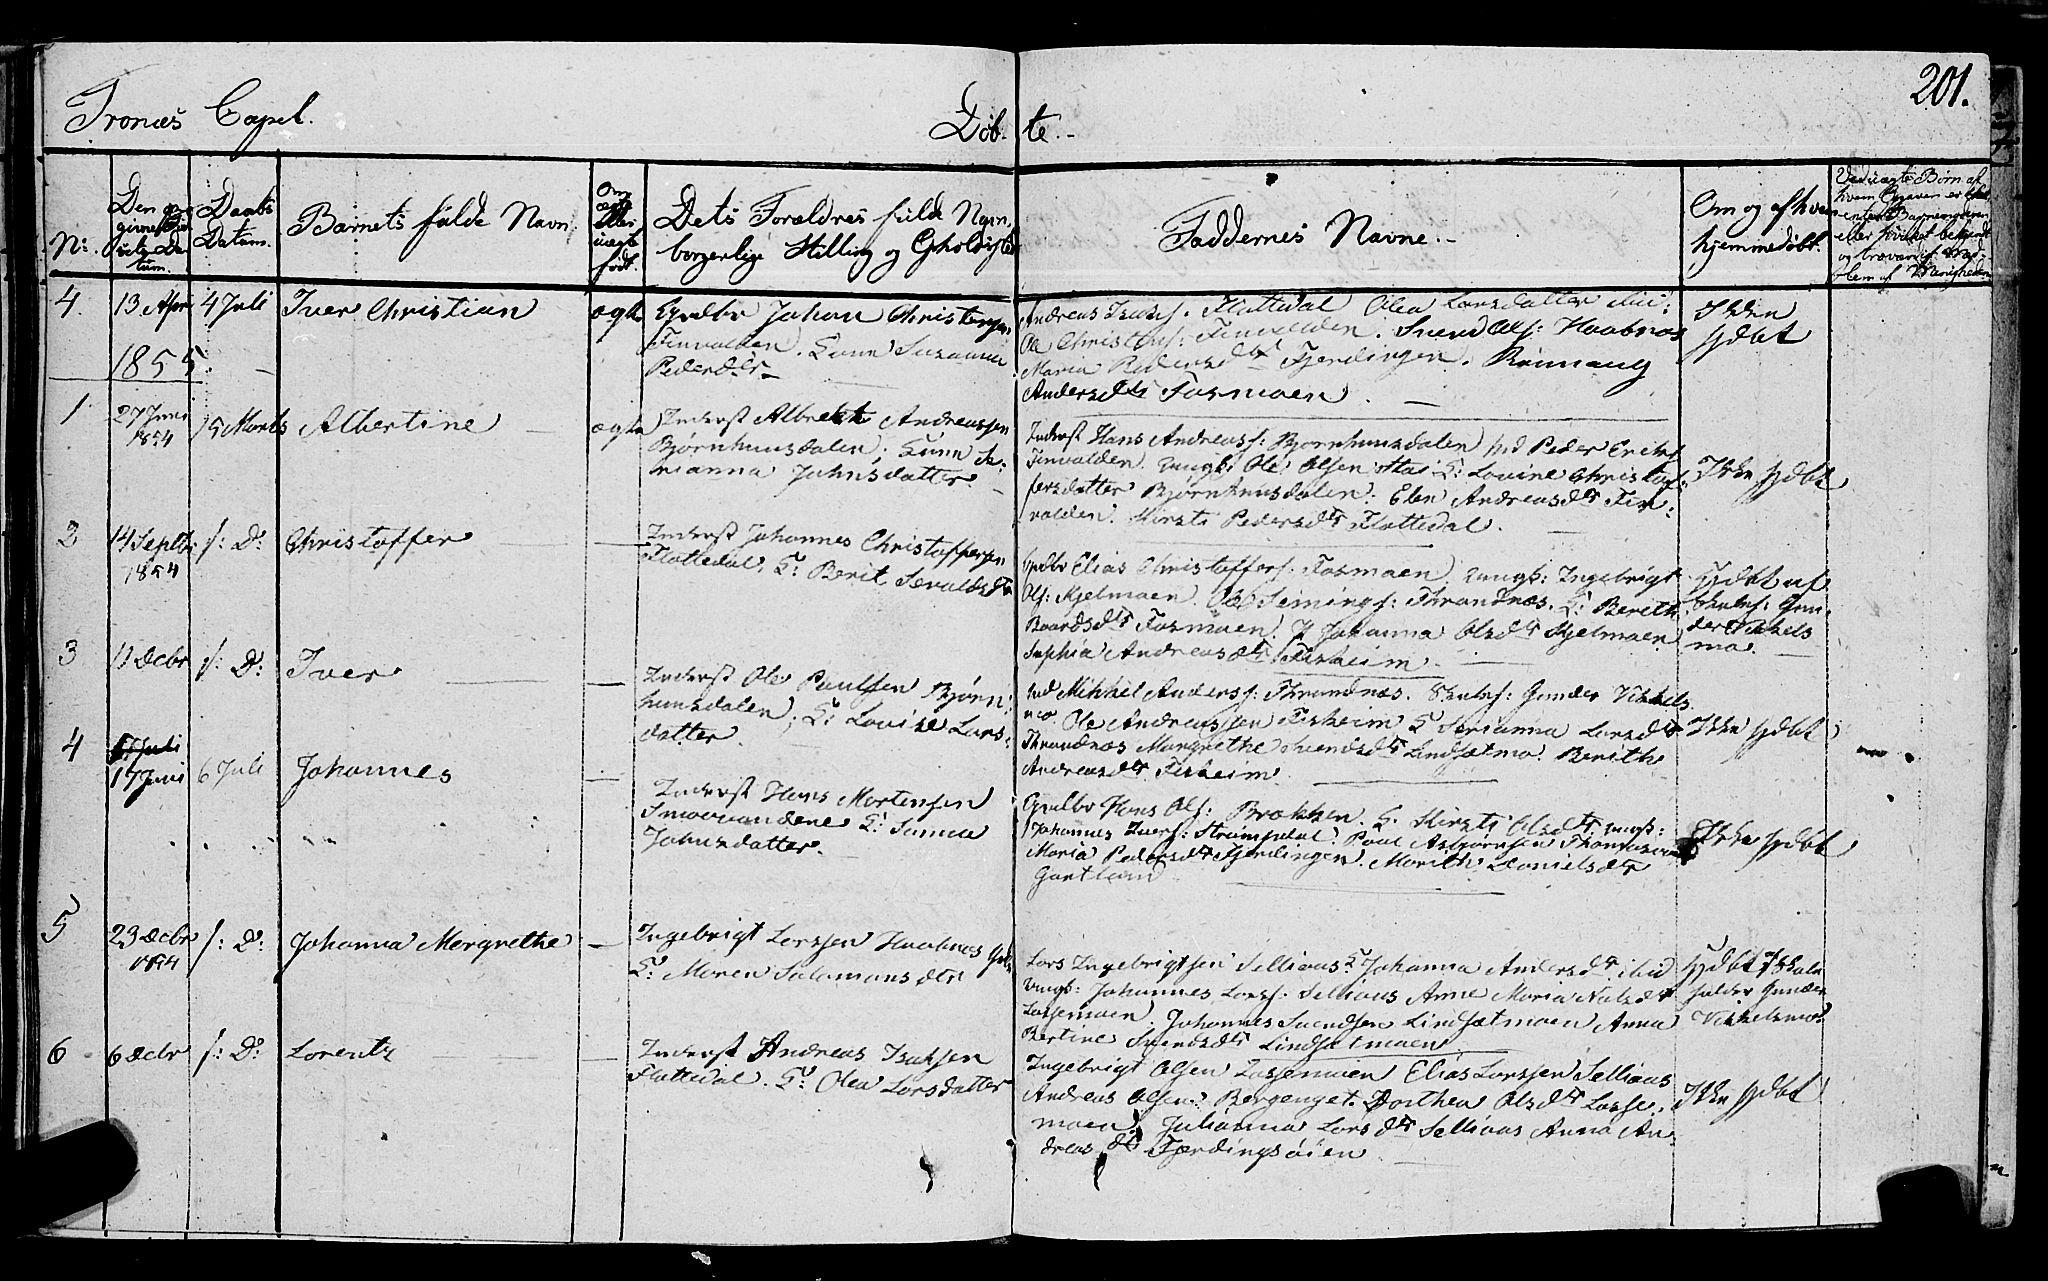 SAT, Ministerialprotokoller, klokkerbøker og fødselsregistre - Nord-Trøndelag, 762/L0538: Ministerialbok nr. 762A02 /2, 1833-1879, s. 201